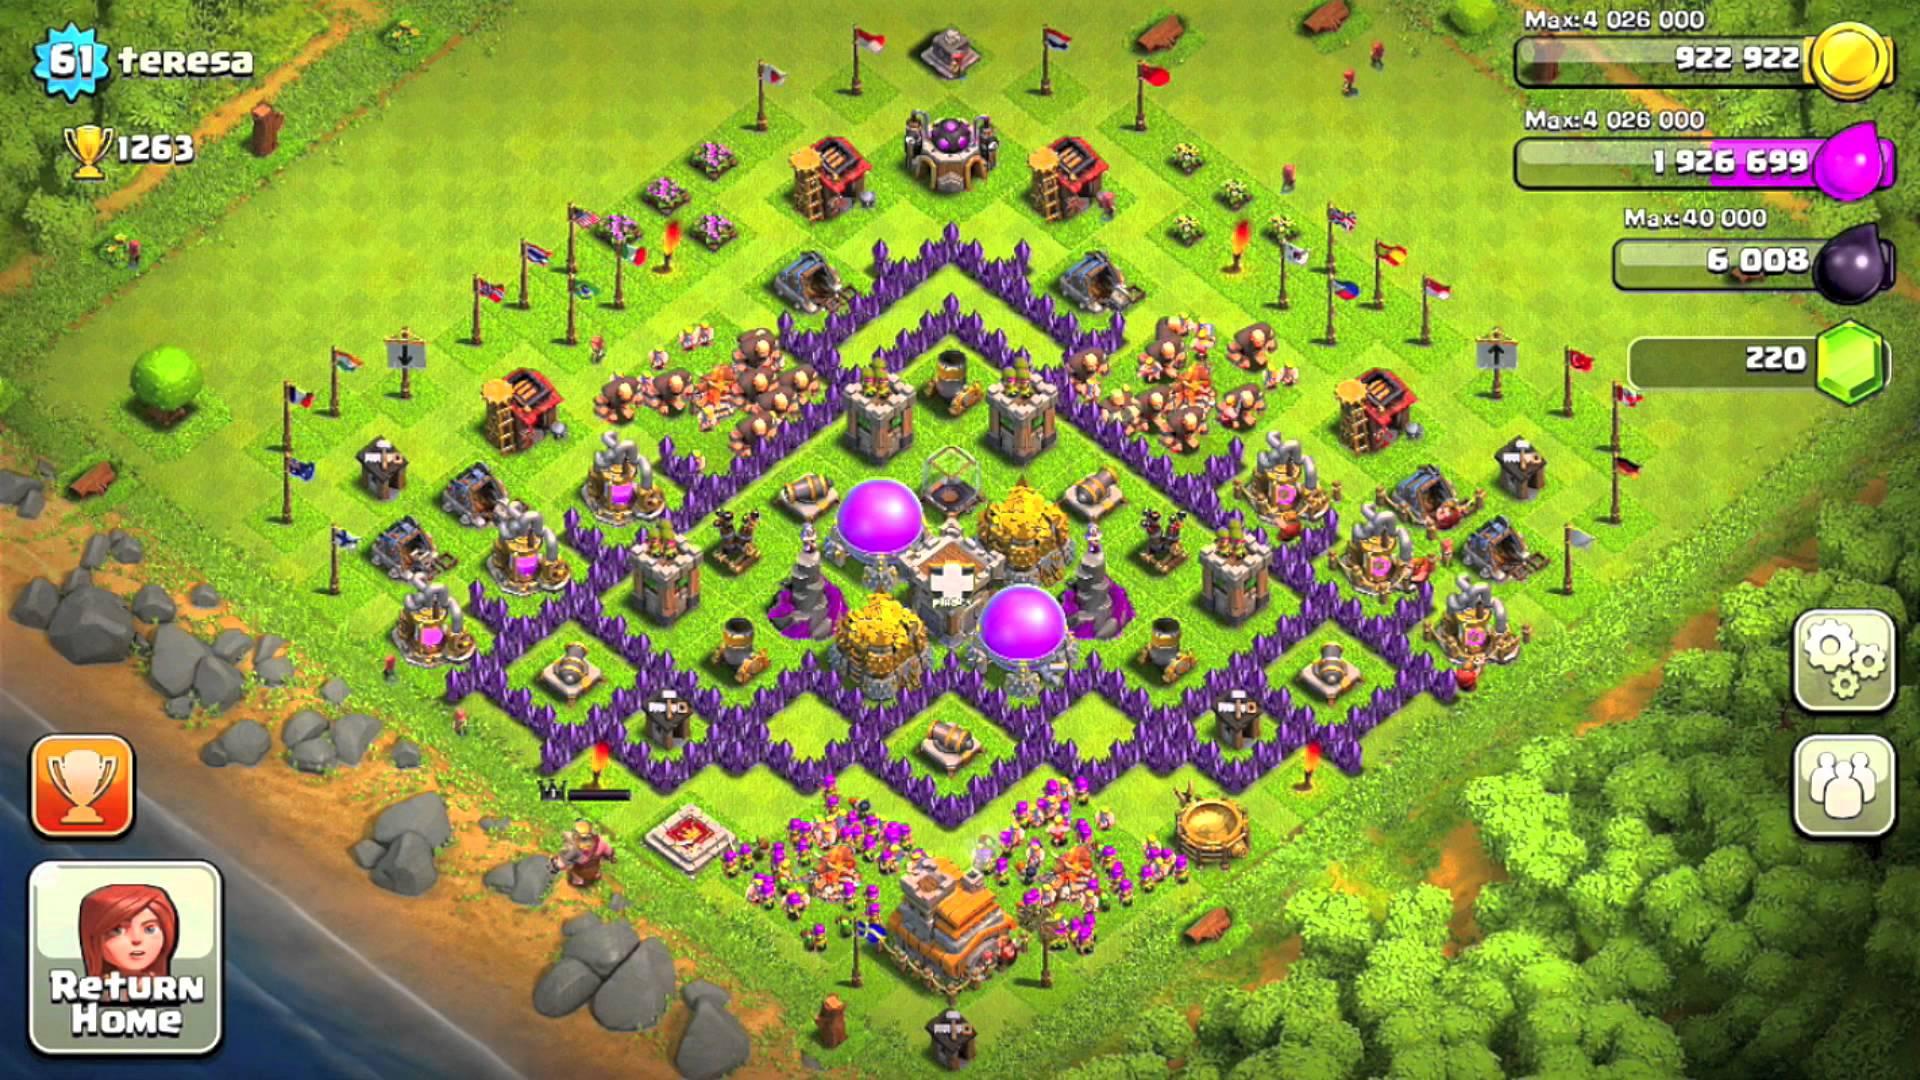 Castle clash best defense town hall level 13 image coc7 jpg clash